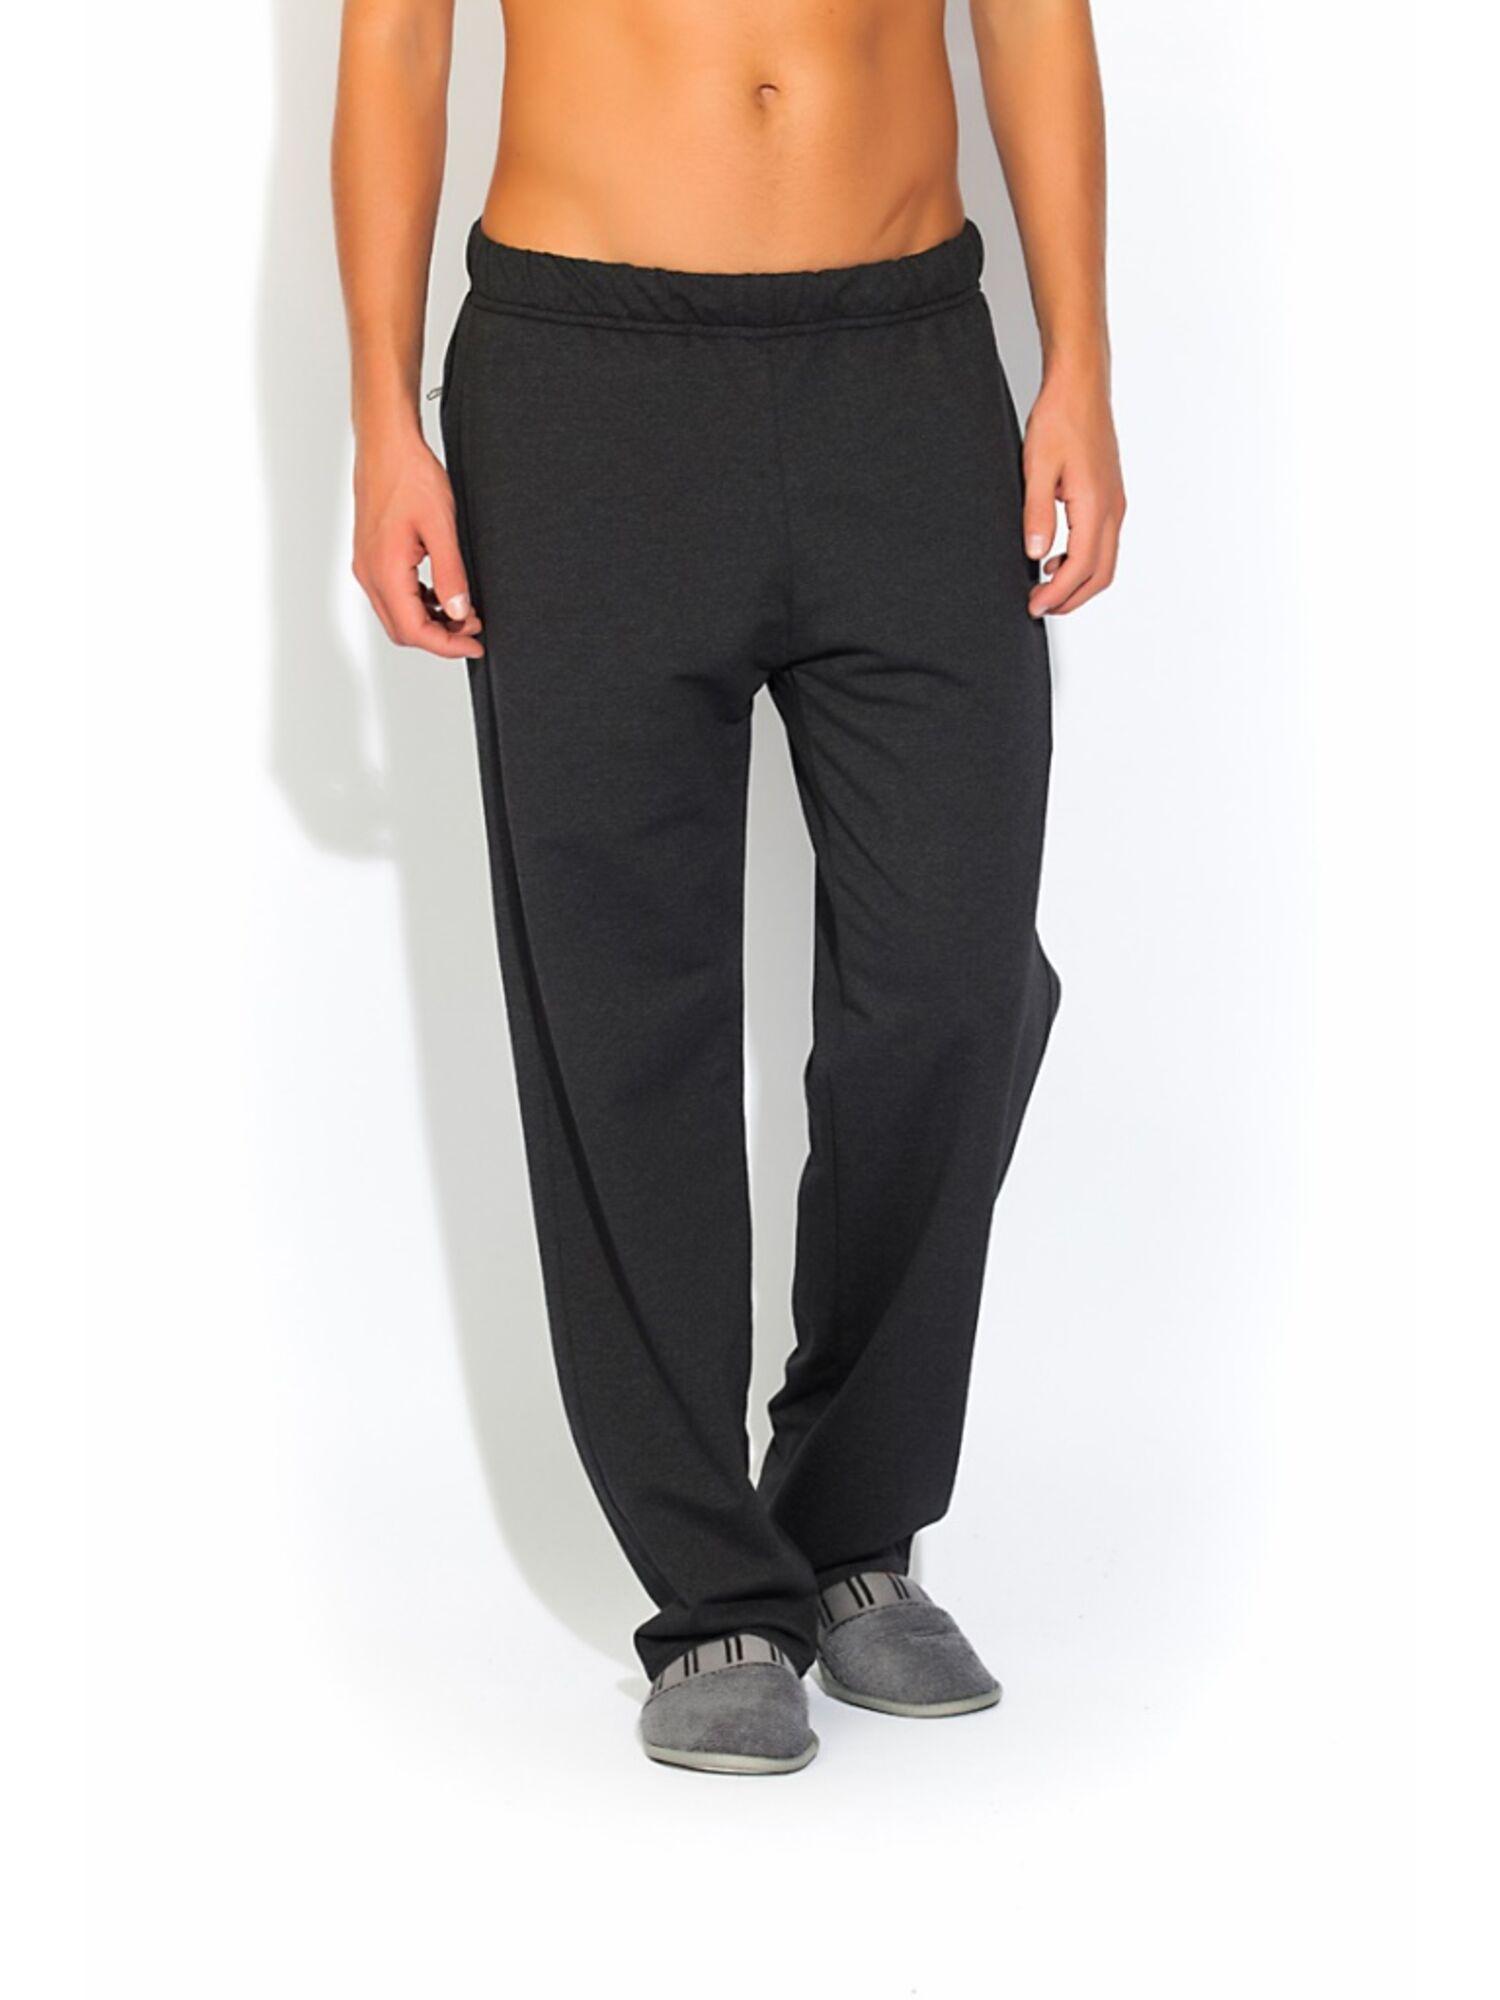 Мужские трикотажные брюки 003 черный, Peche Monnaie (Россия)